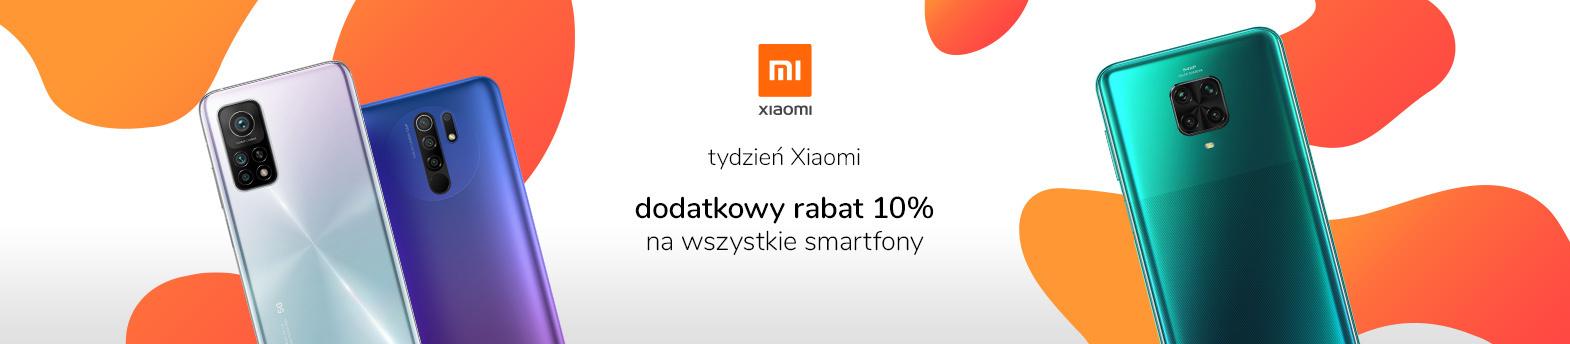 Tydzień Xiaomi